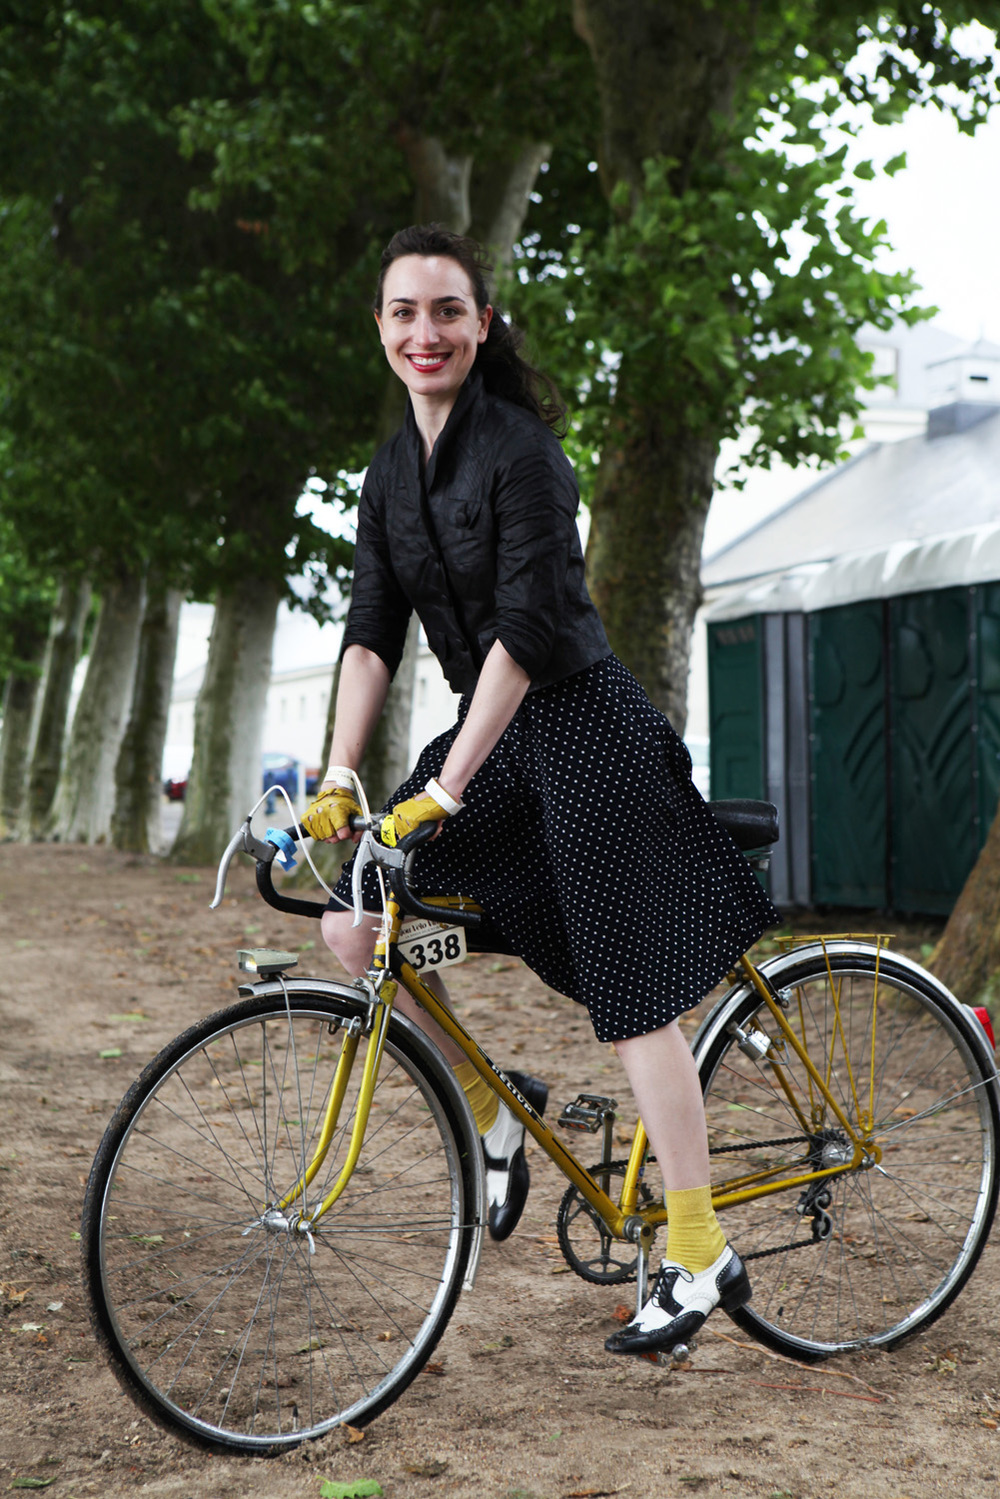 Anjou-Velo-Vintage-Saumur-France-Bike-Fashion-Bike-Pretty-Photos-Kelly-Miller-0 (1)